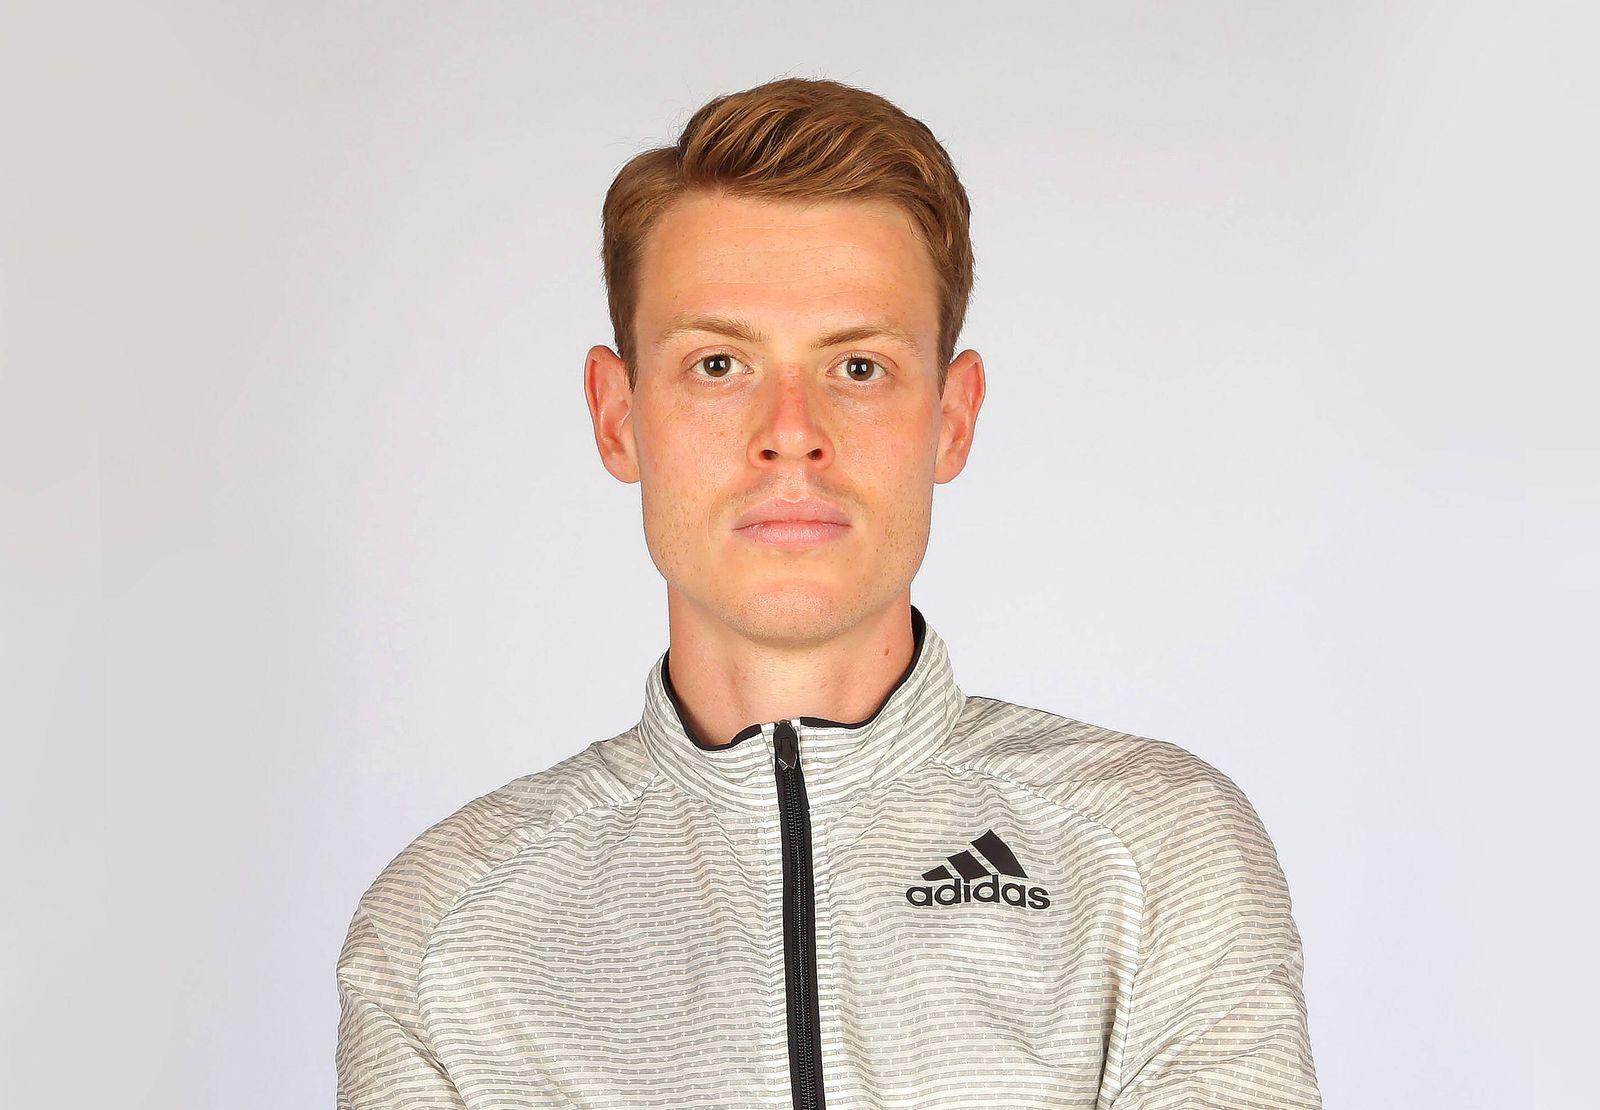 Olympia 2016 Leichtathletik Philipp Pflieger Marathonlaeufer bei einem Fototermin in Regensburg